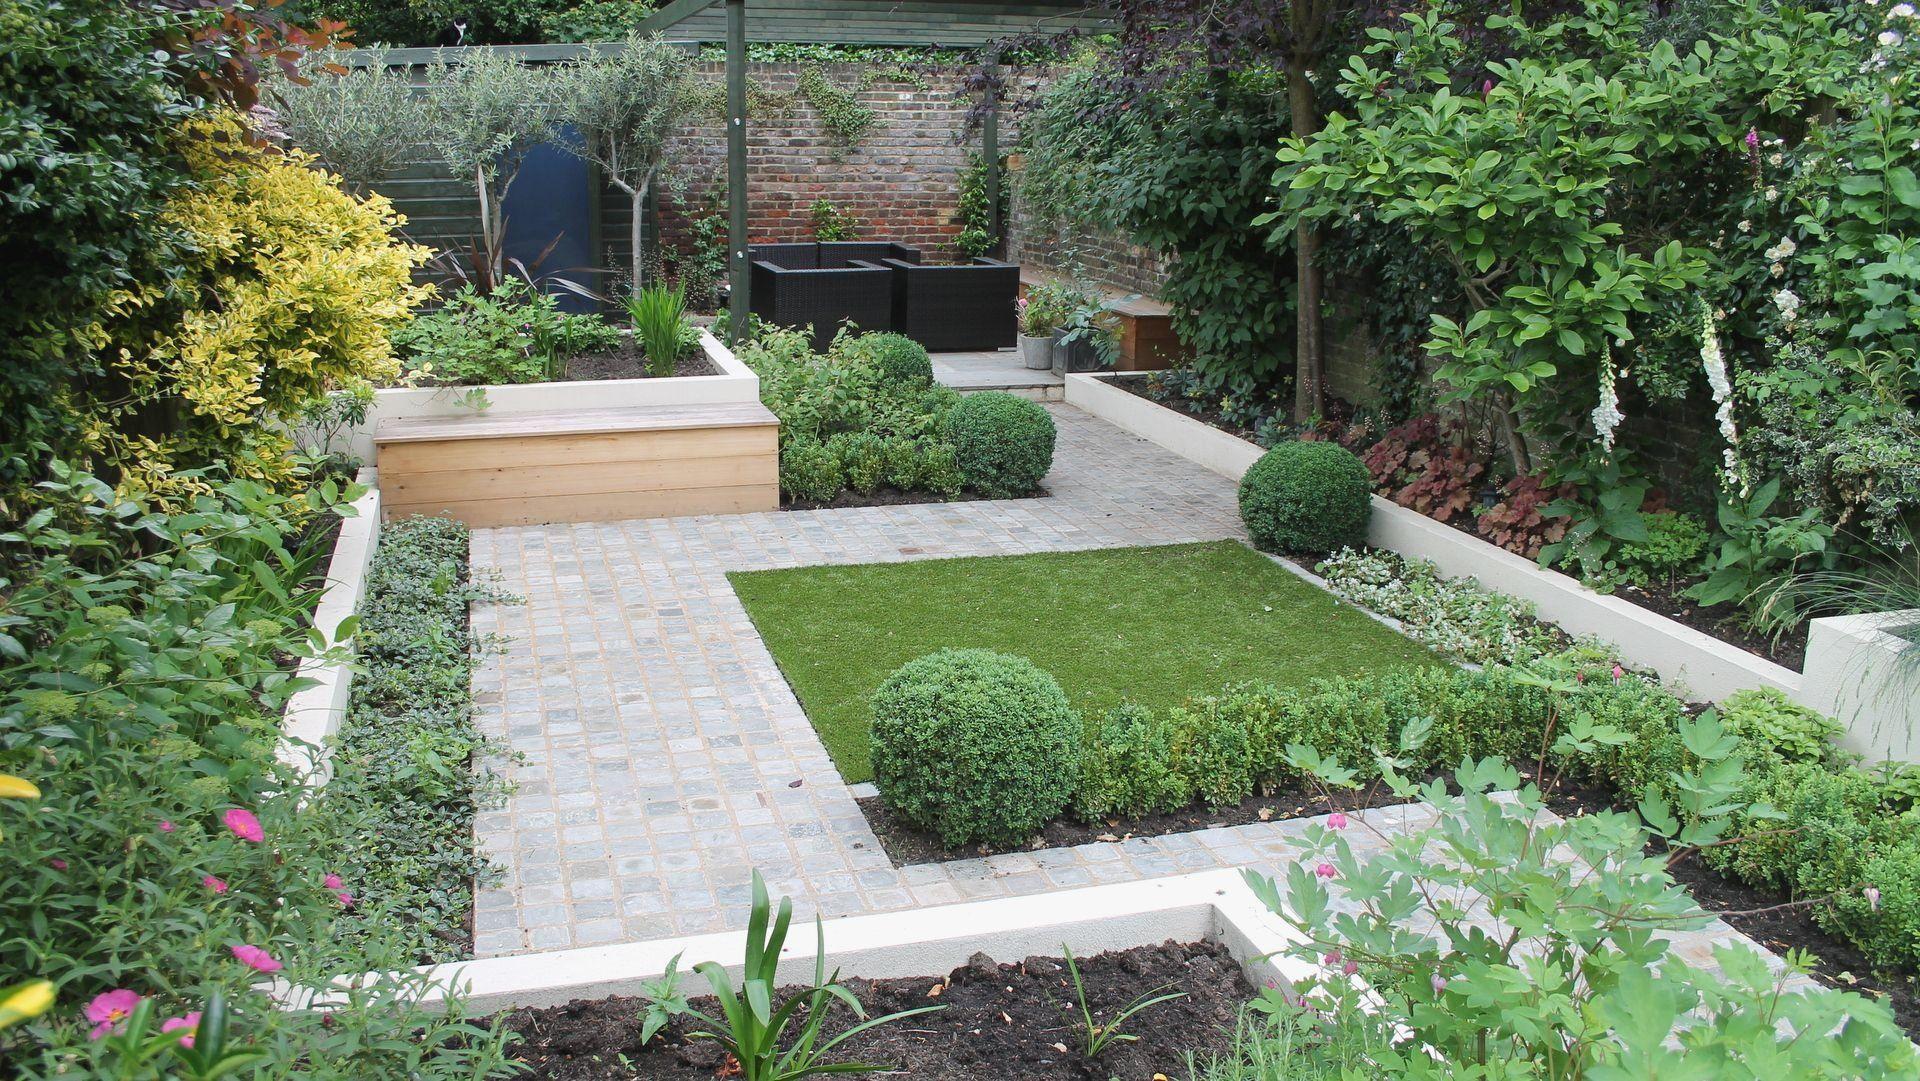 Ginkgo Gardens Repinned On Toby Designs In 2020 Garden Structures Minimalist Garden Garden